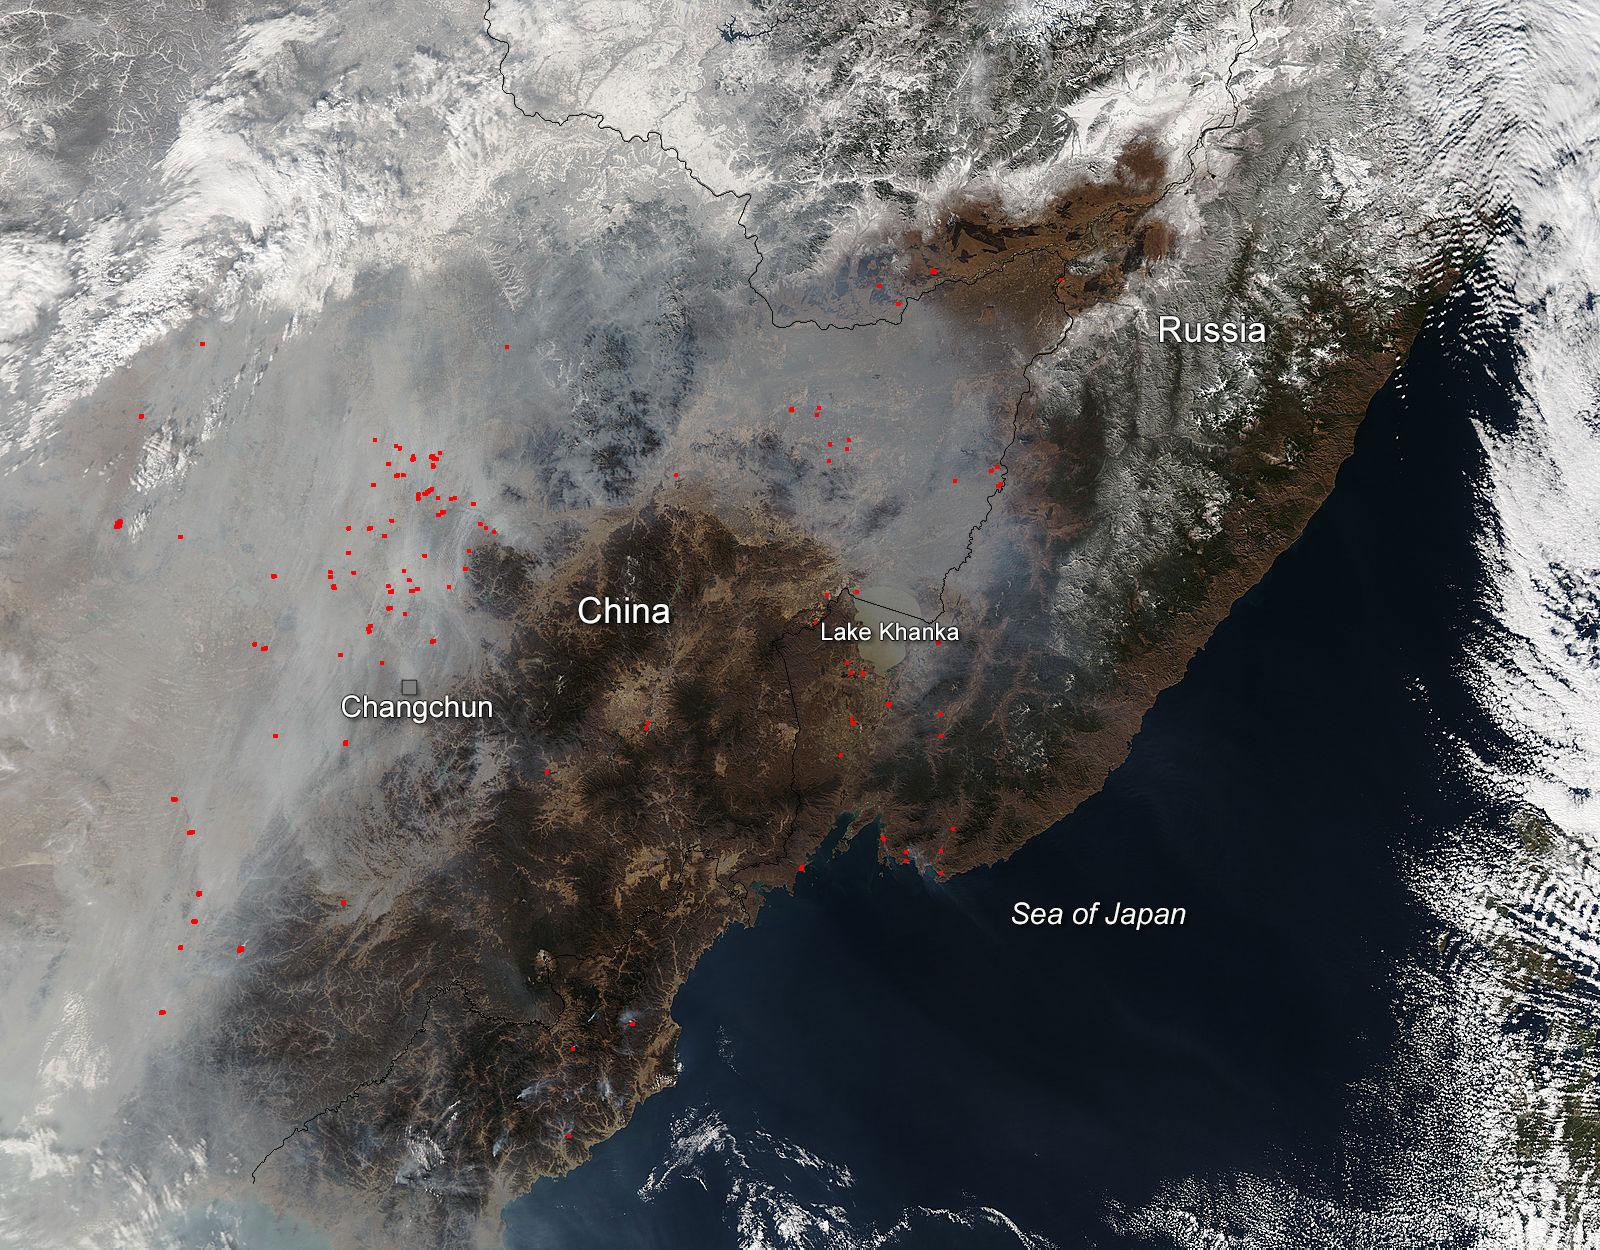 【图说天朝】NASA卫星照片展示中国上空的雾霾